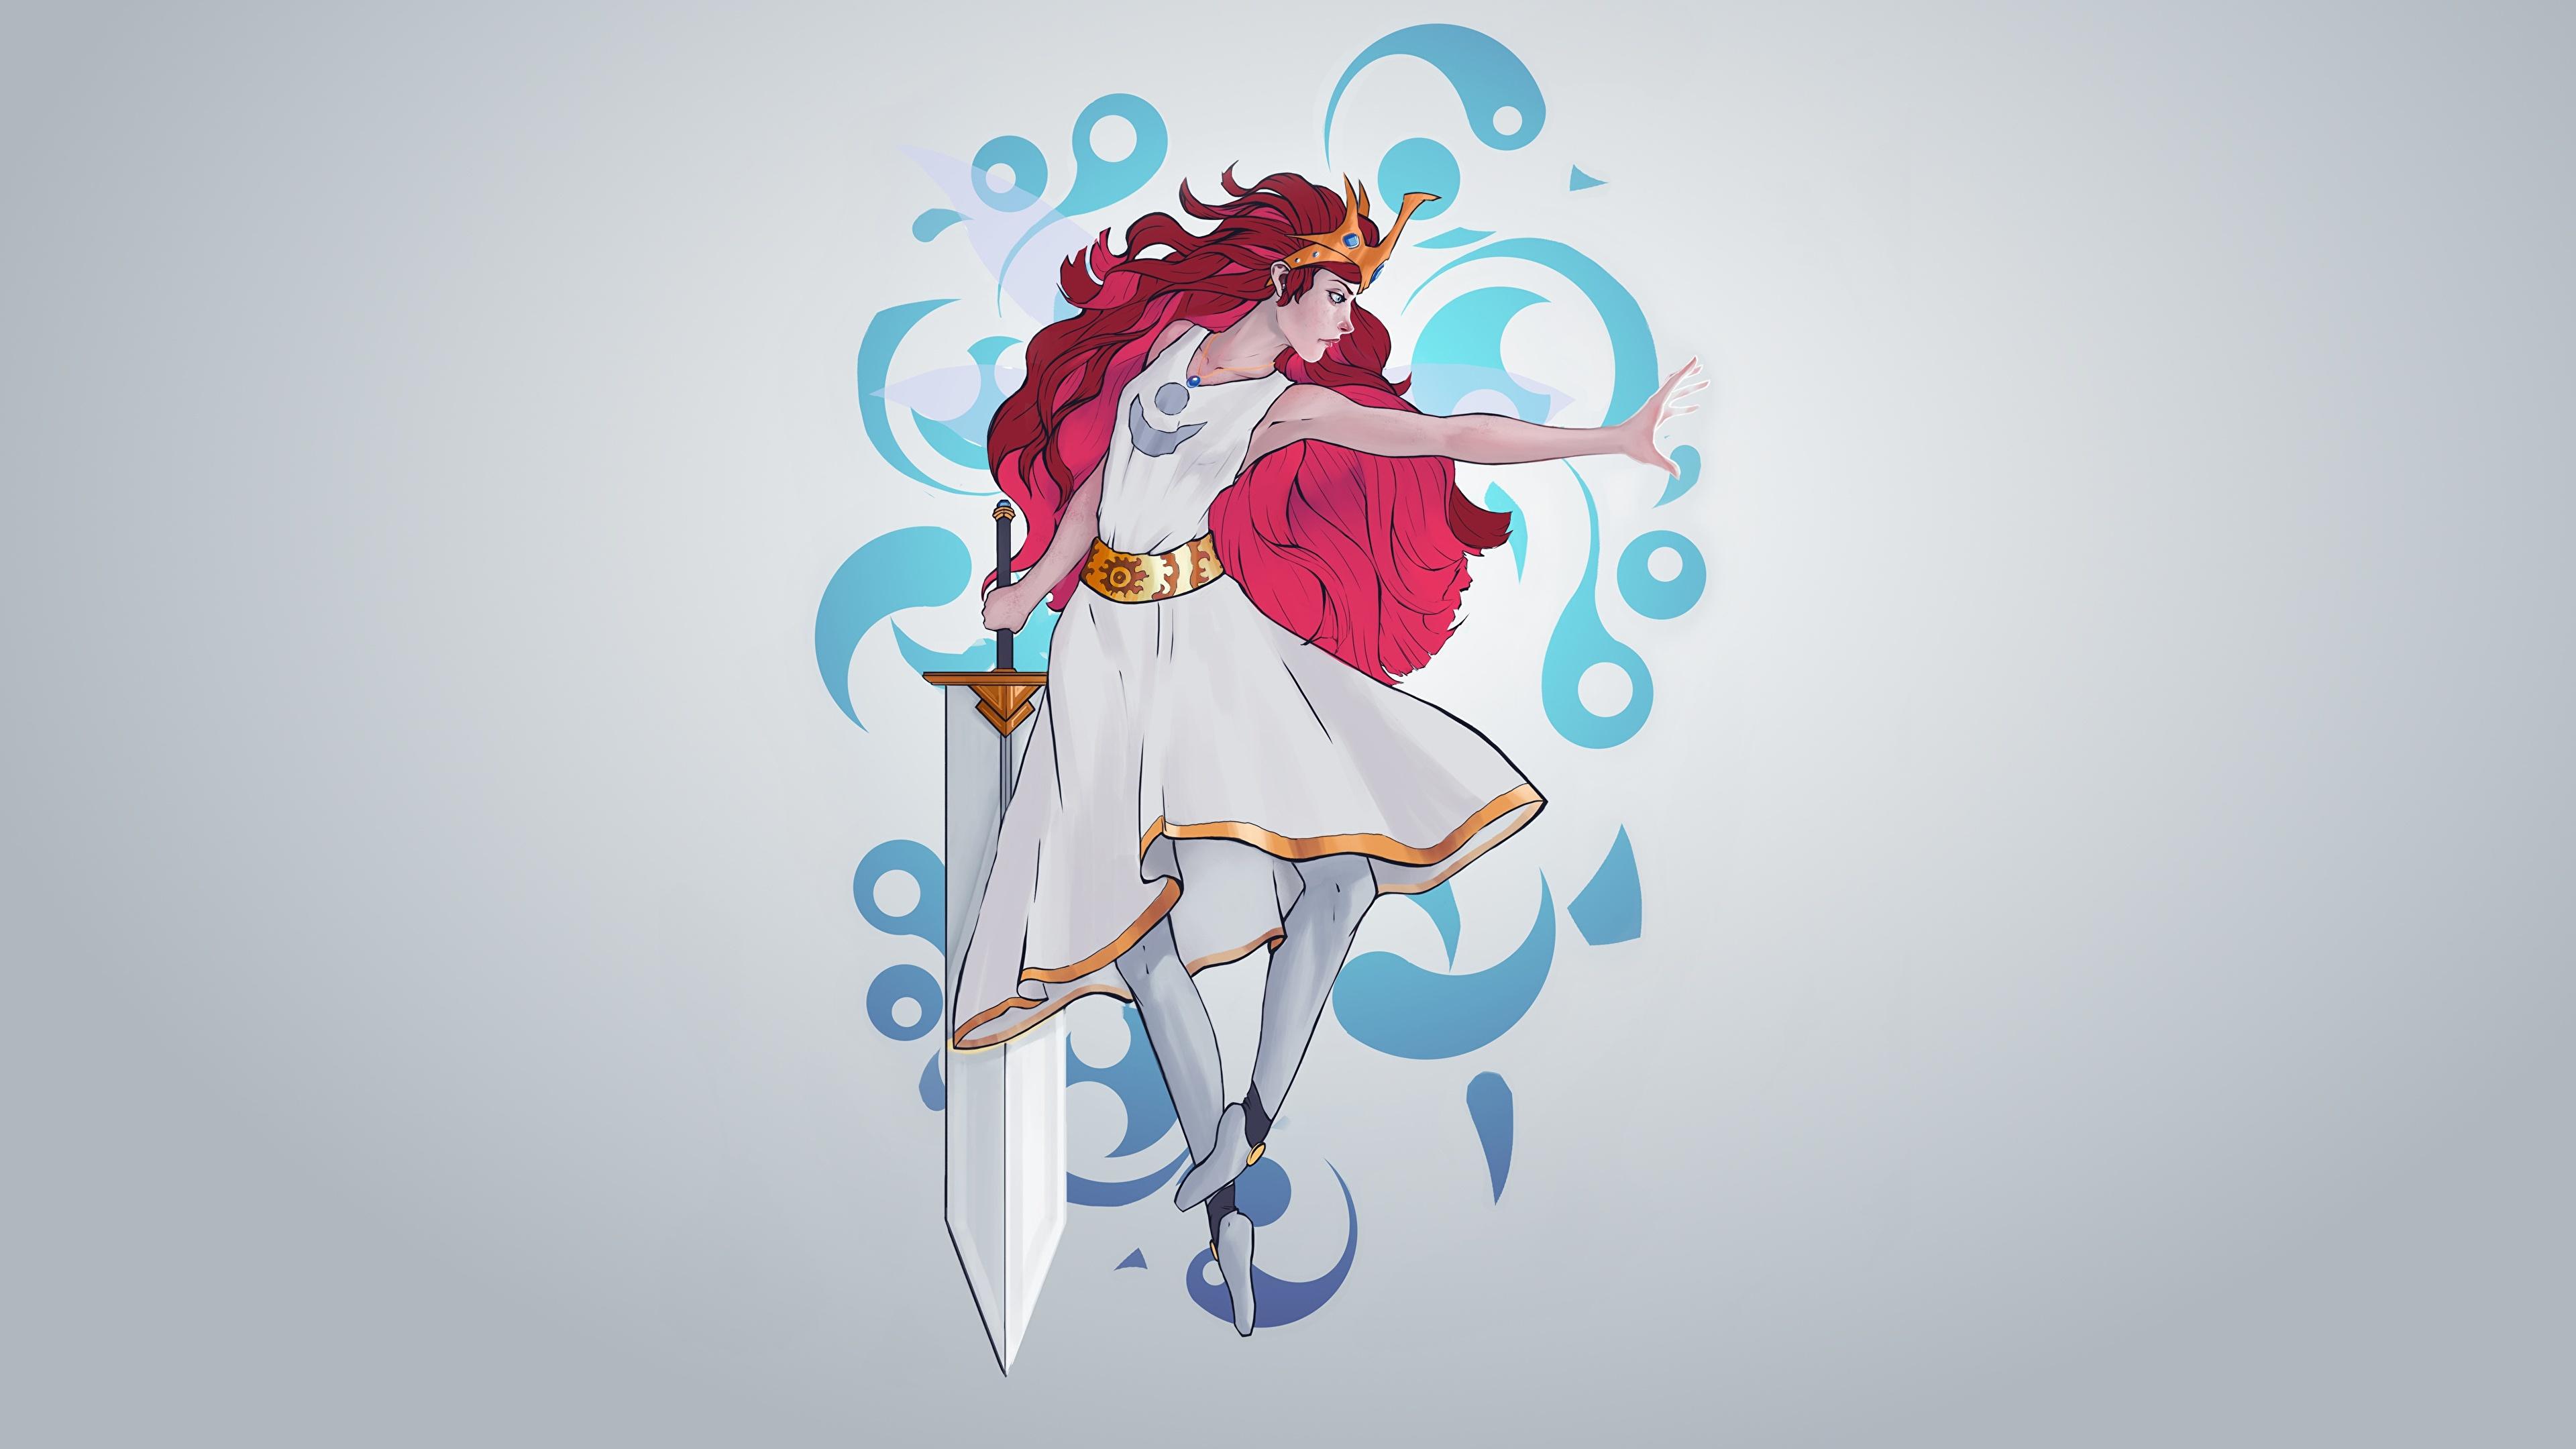 Фото Мечи Воители Aurora, Child of Light, by Guilherme de Abreu девушка сером фоне Рисованные Платье 3840x2160 меч меча с мечом воин воины Девушки молодая женщина молодые женщины Серый фон платья